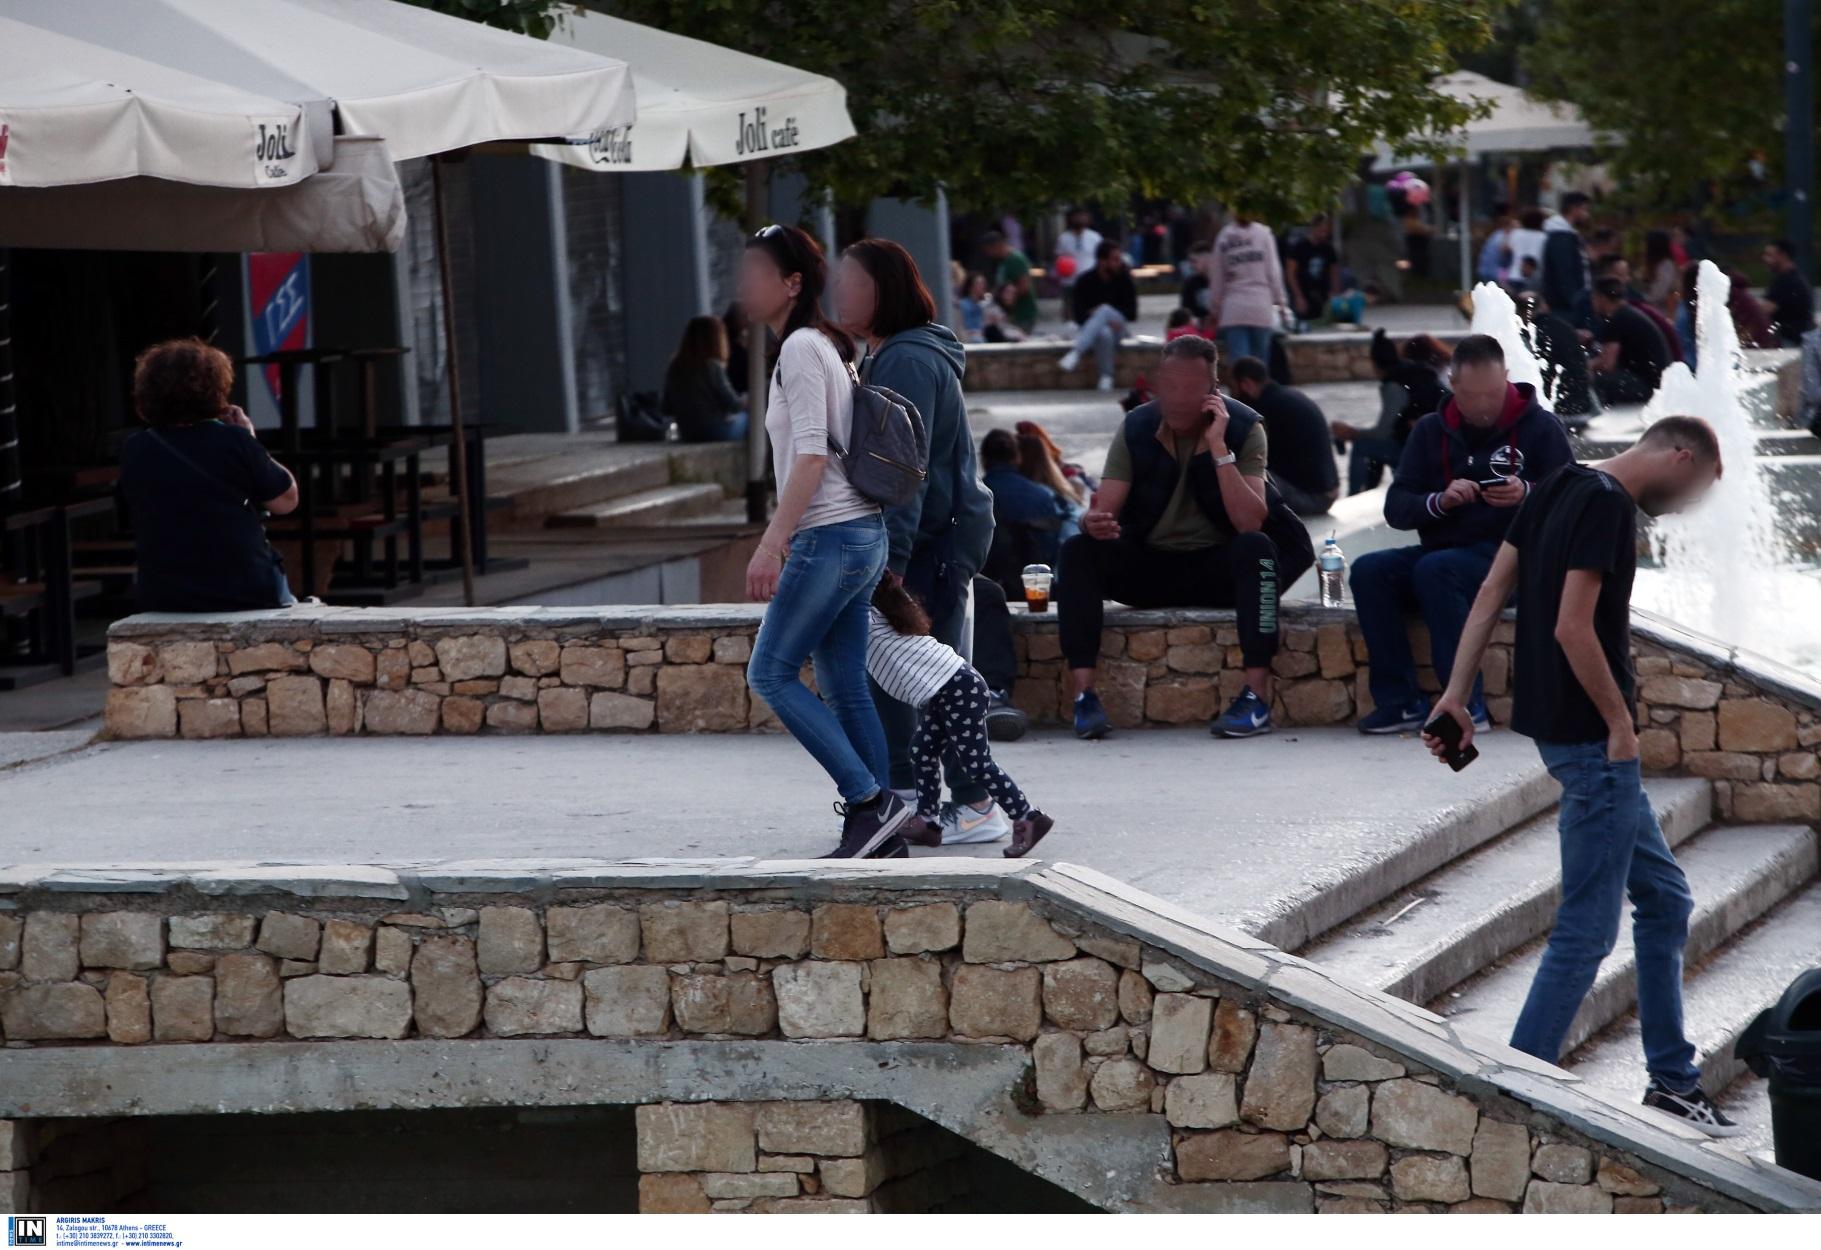 Δεκάδες παραβάσεις για αποστάσεις, μάσκες και μετακινήσεις – Συλλήψεις για άνοιγμα μαγαζιών